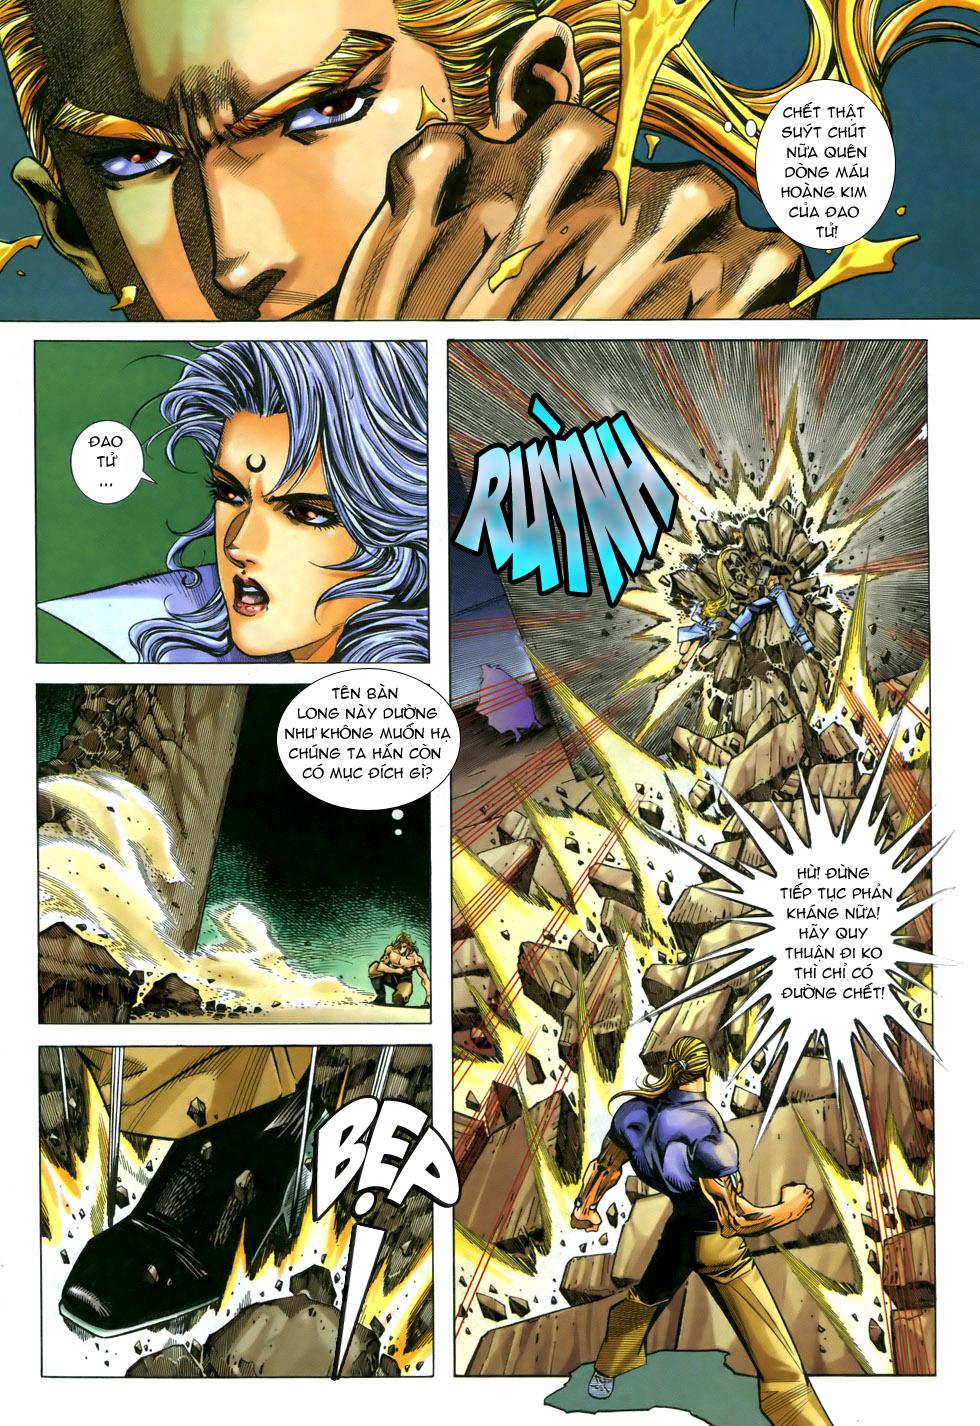 X Bạo Tộc chap 33 - Trang 13